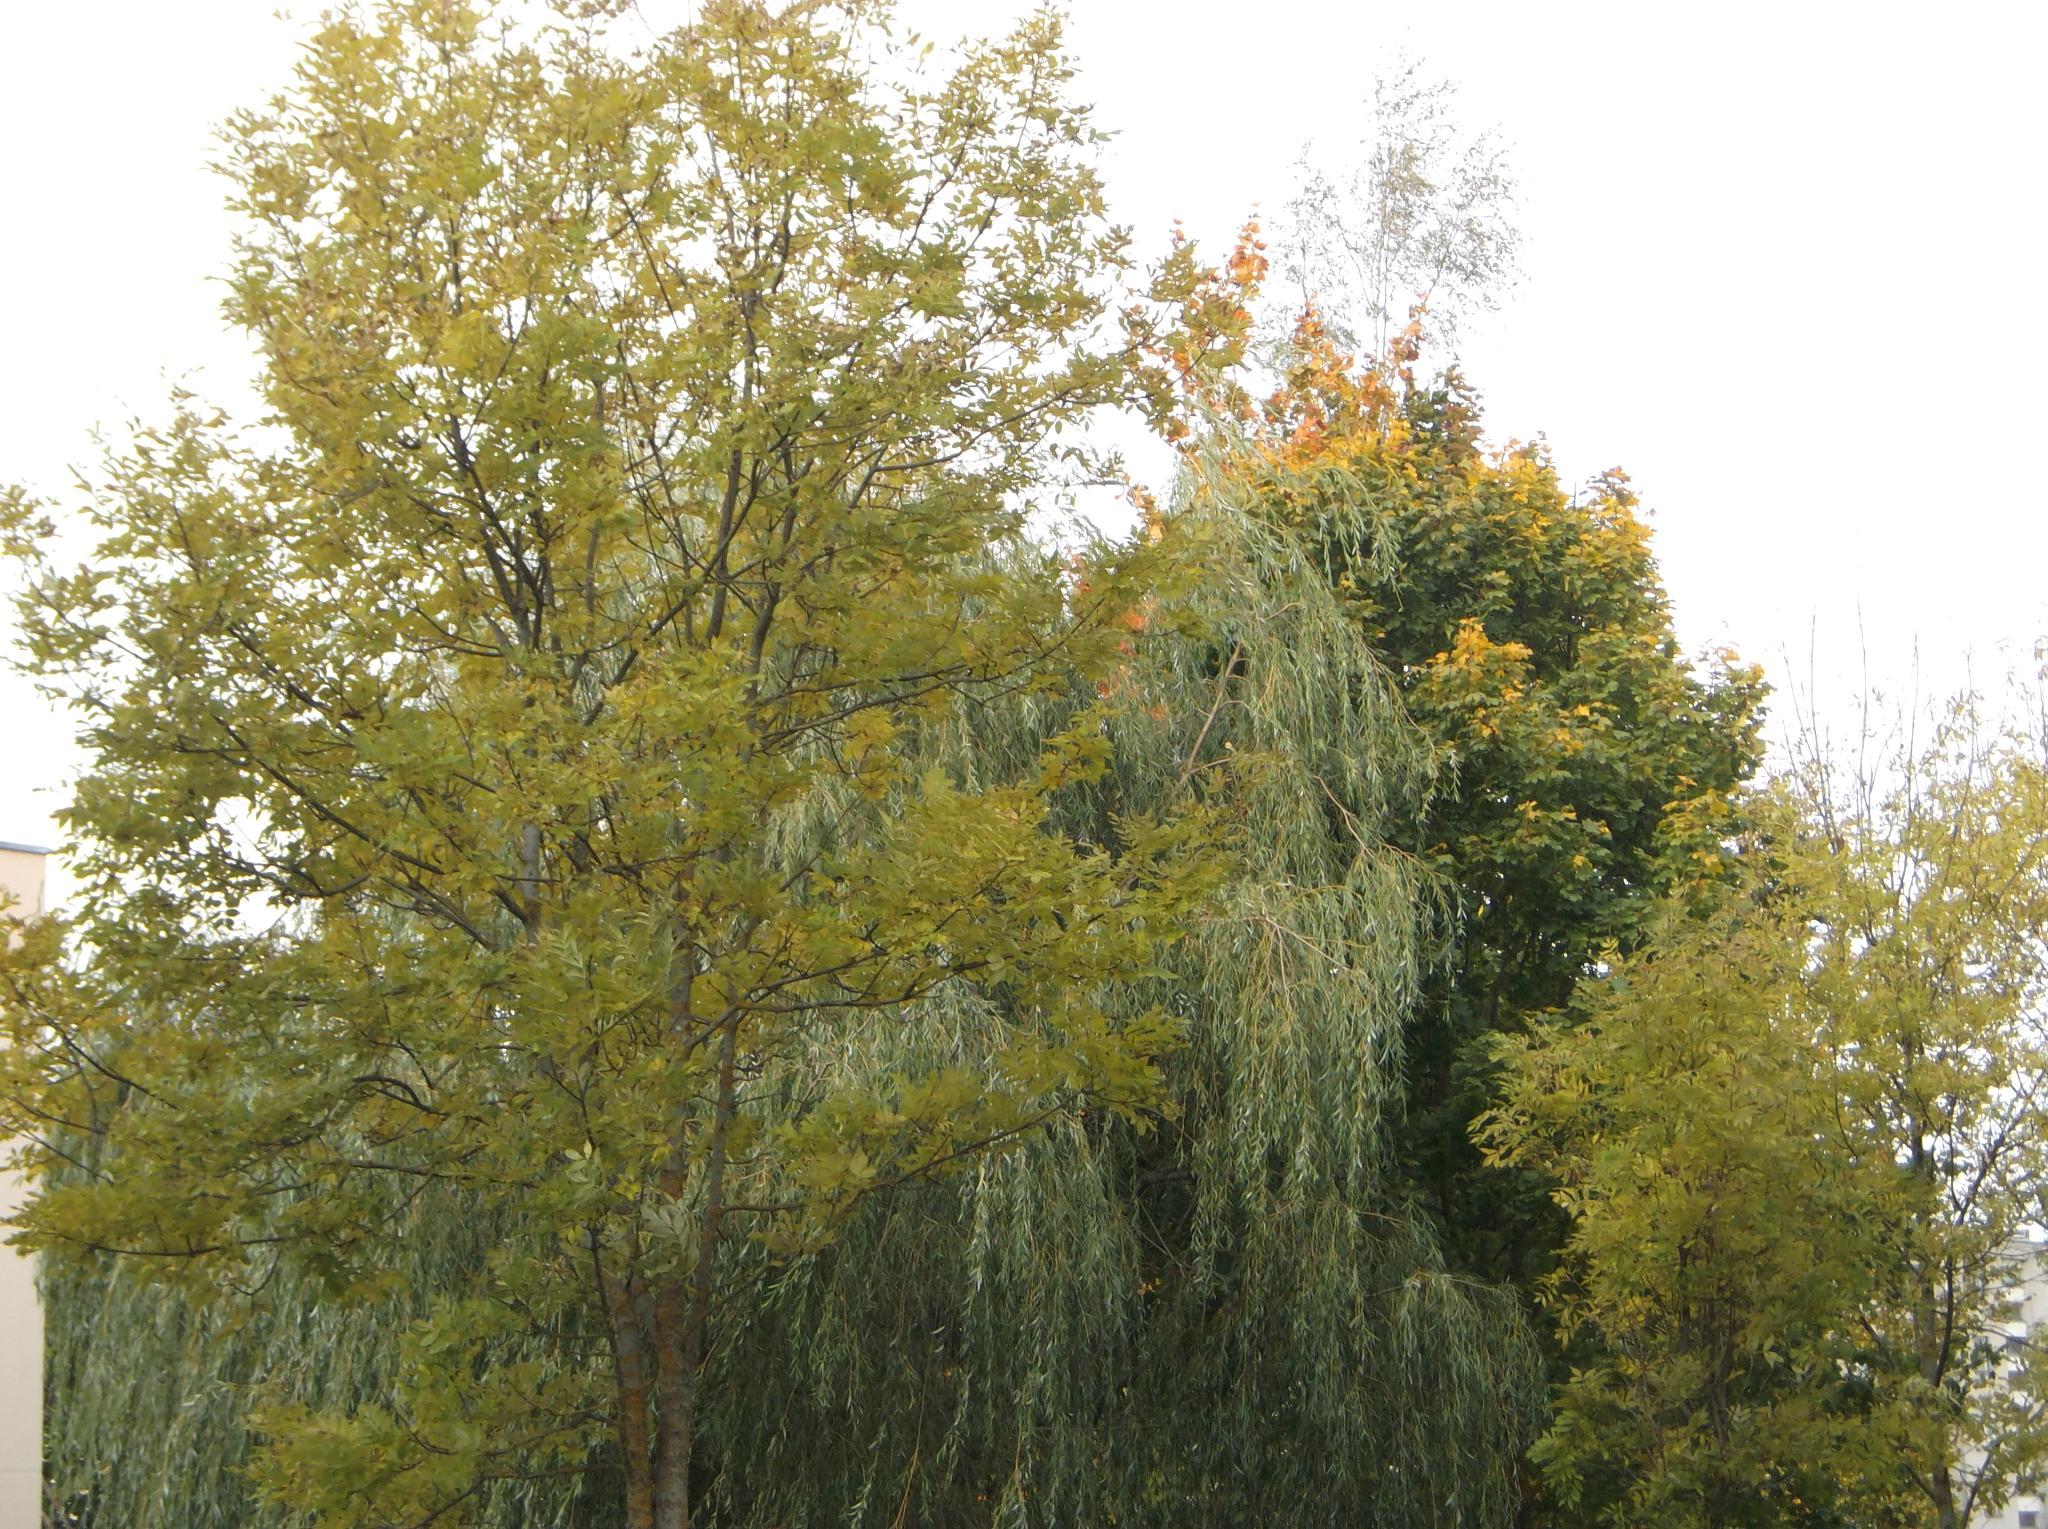 Autumn painted. by Zita Užkuraitienė